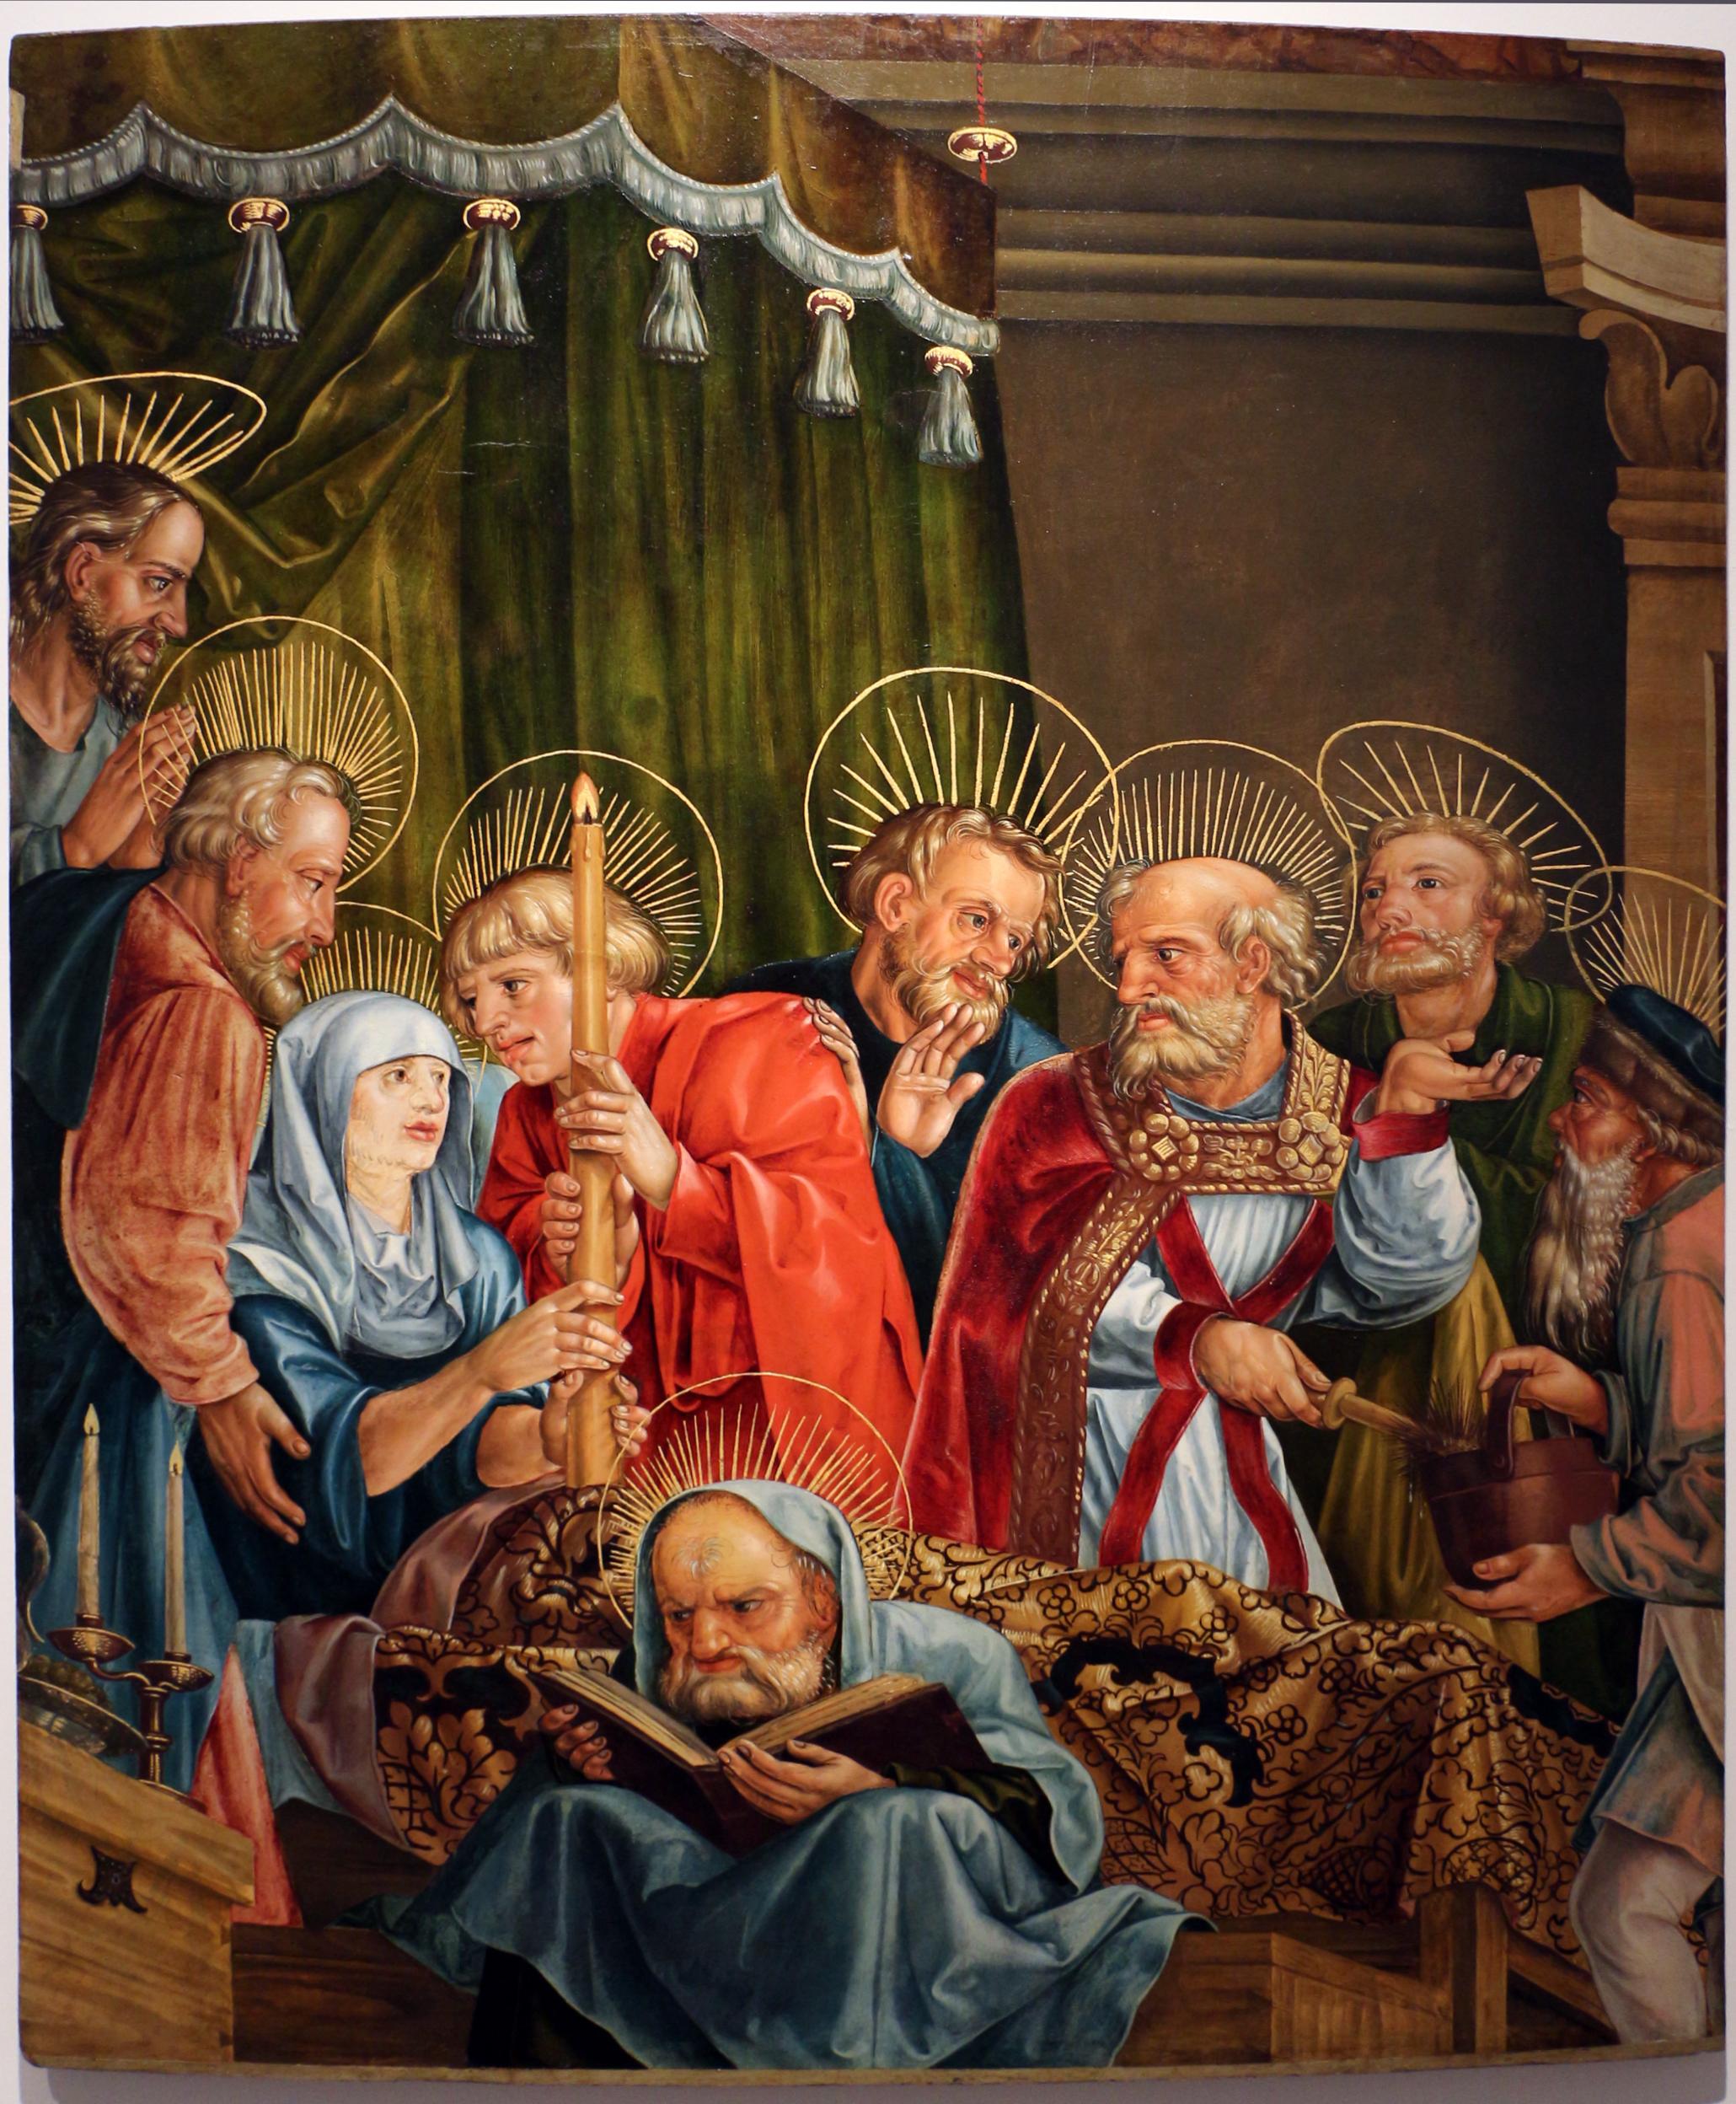 File:Melchior feselen, compianto della vergine, 1531.jpg - Wikimedia ...